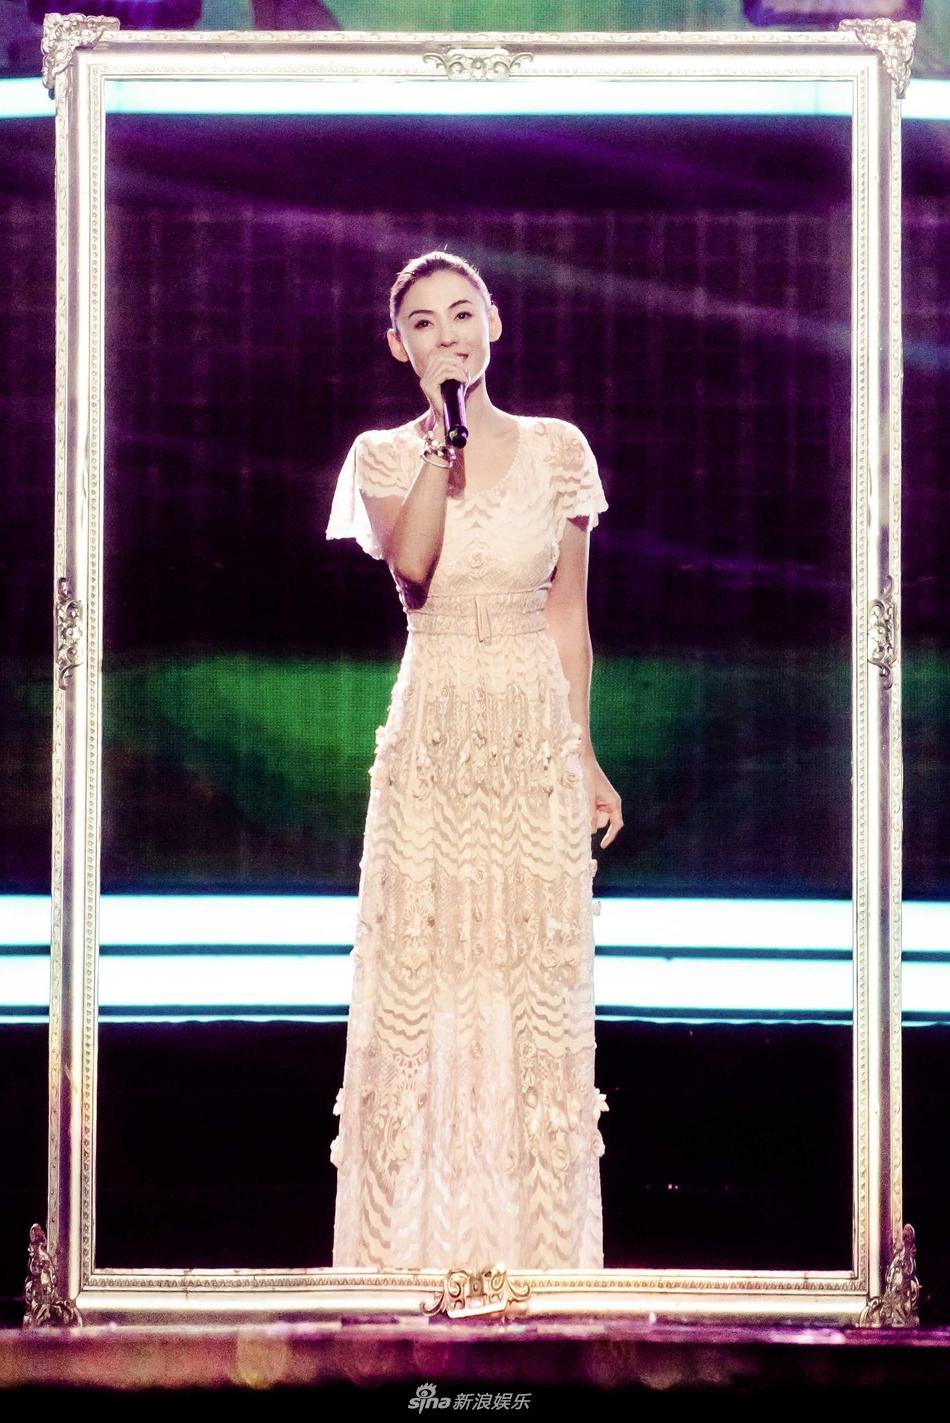 美回十八岁!张柏芝献唱《星语心愿》仙气十足